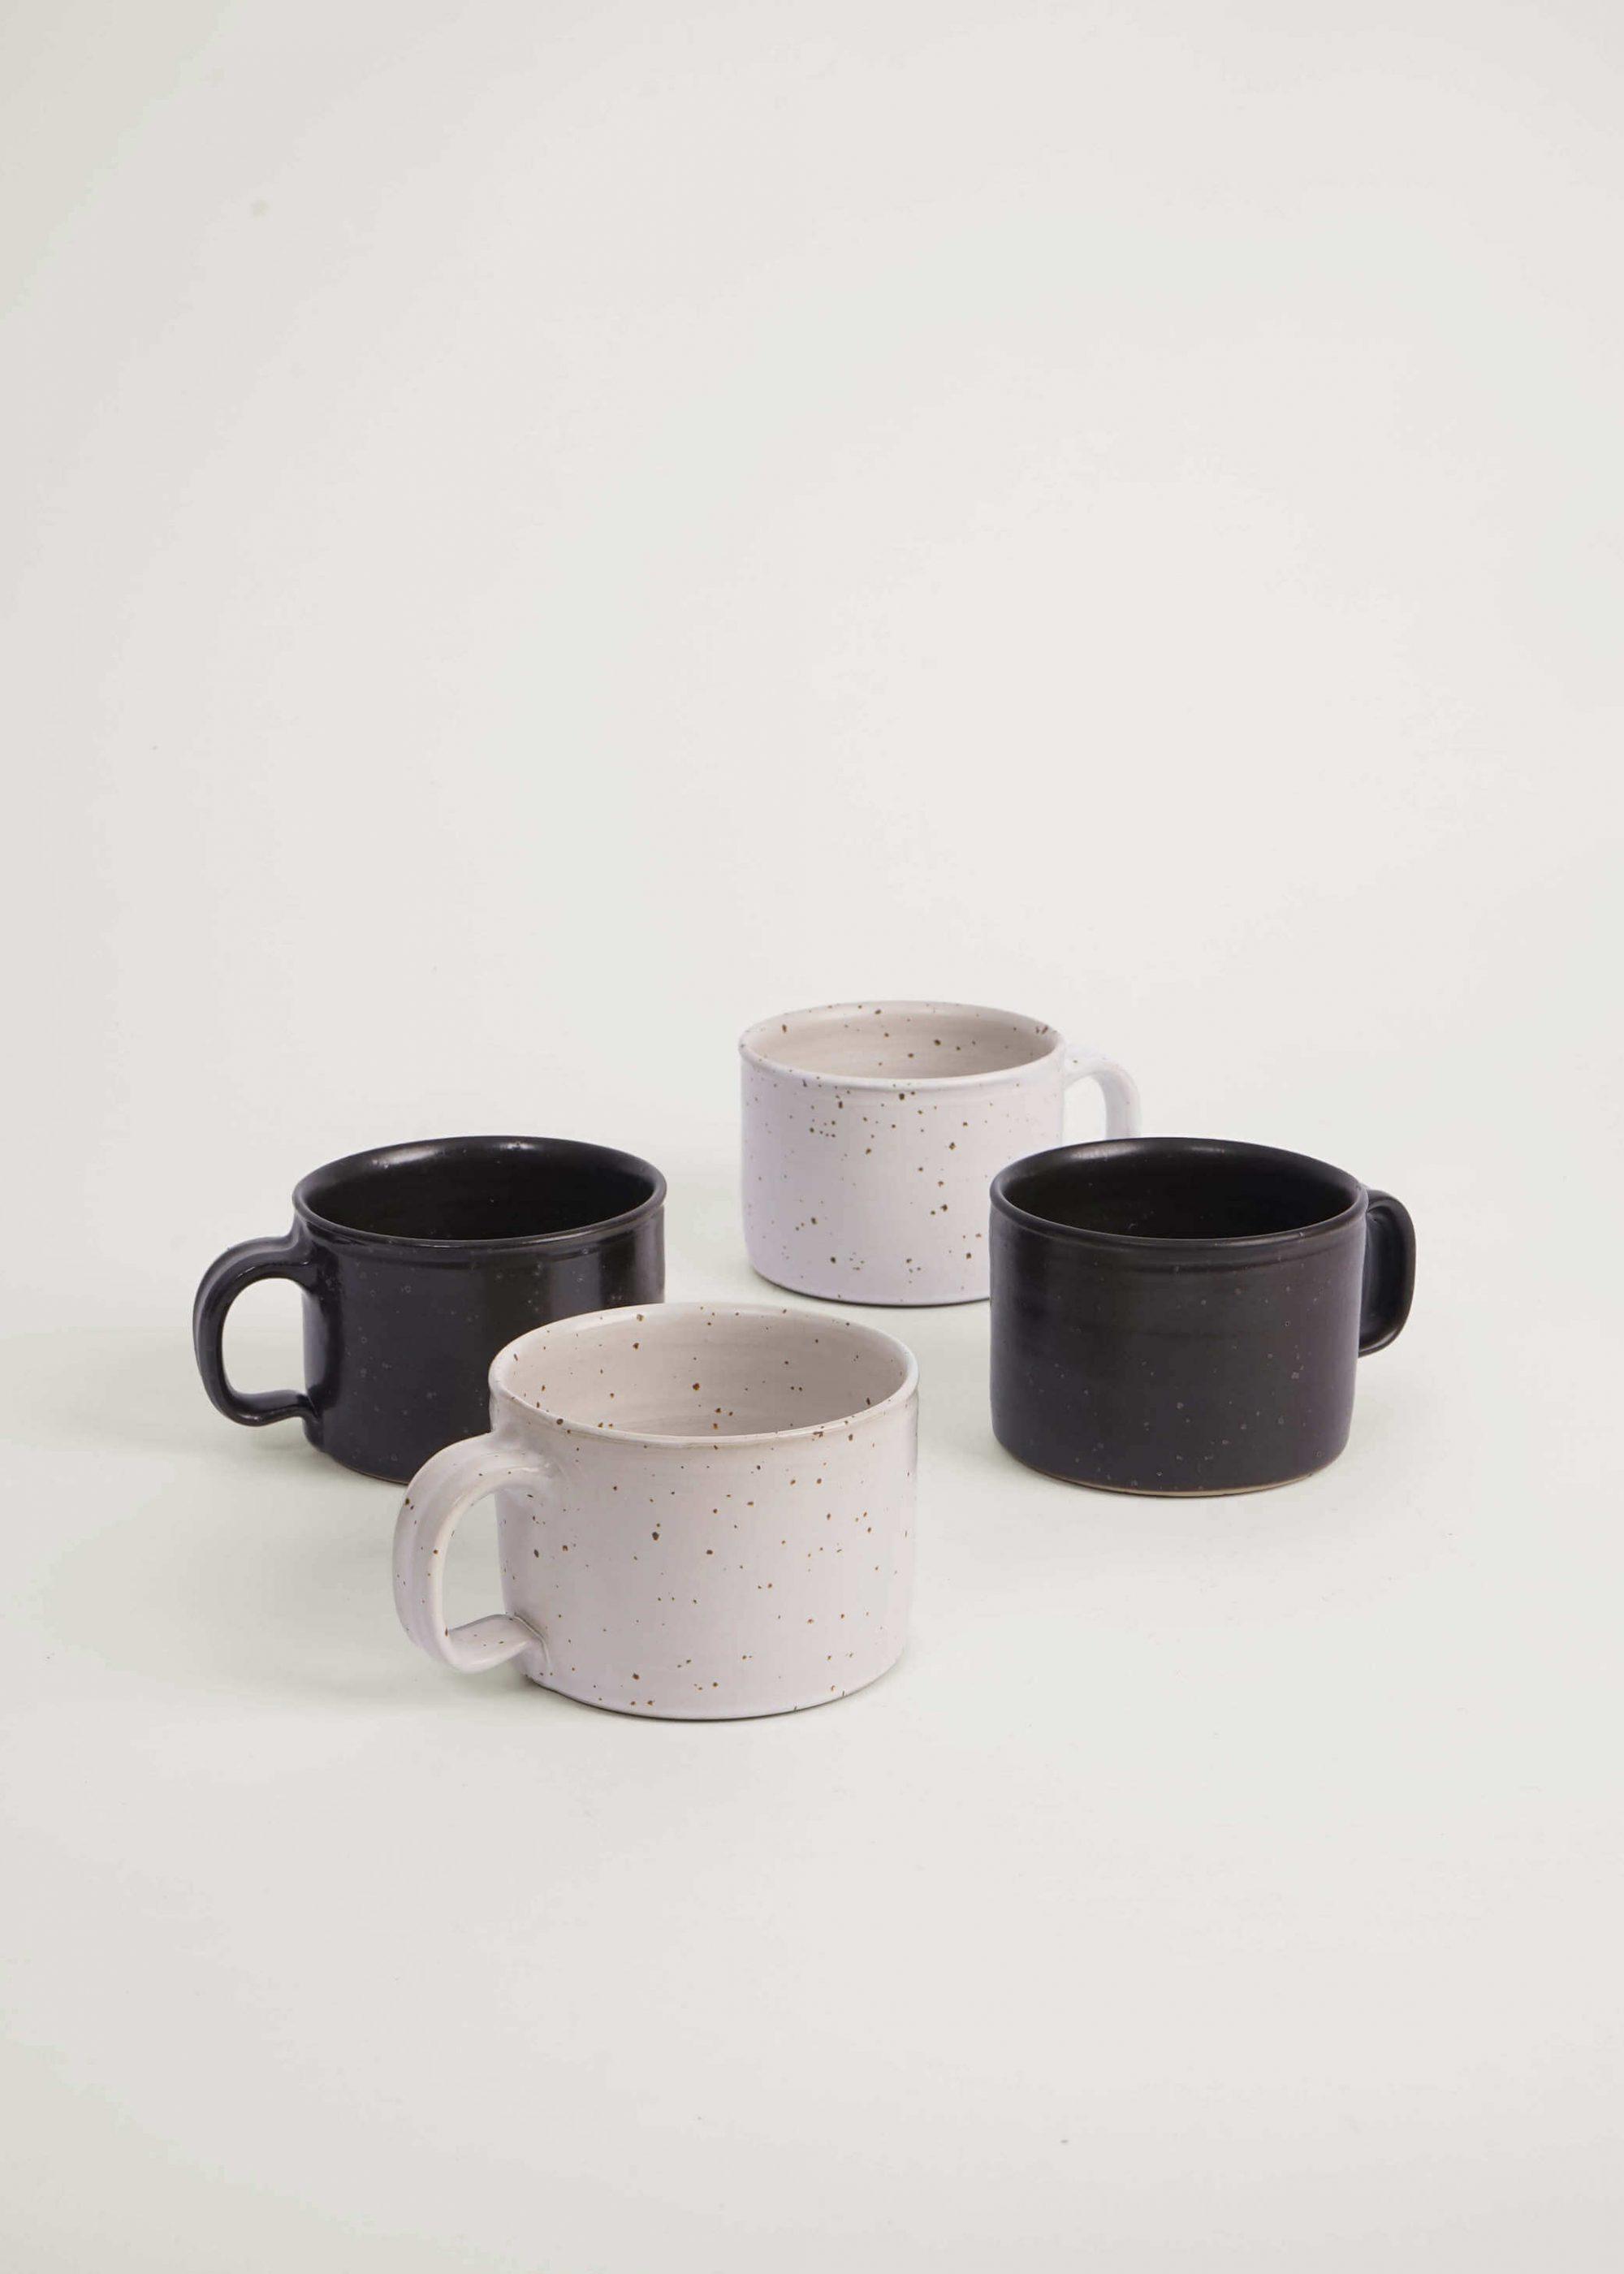 Product image for N° ICB12 Mug Set